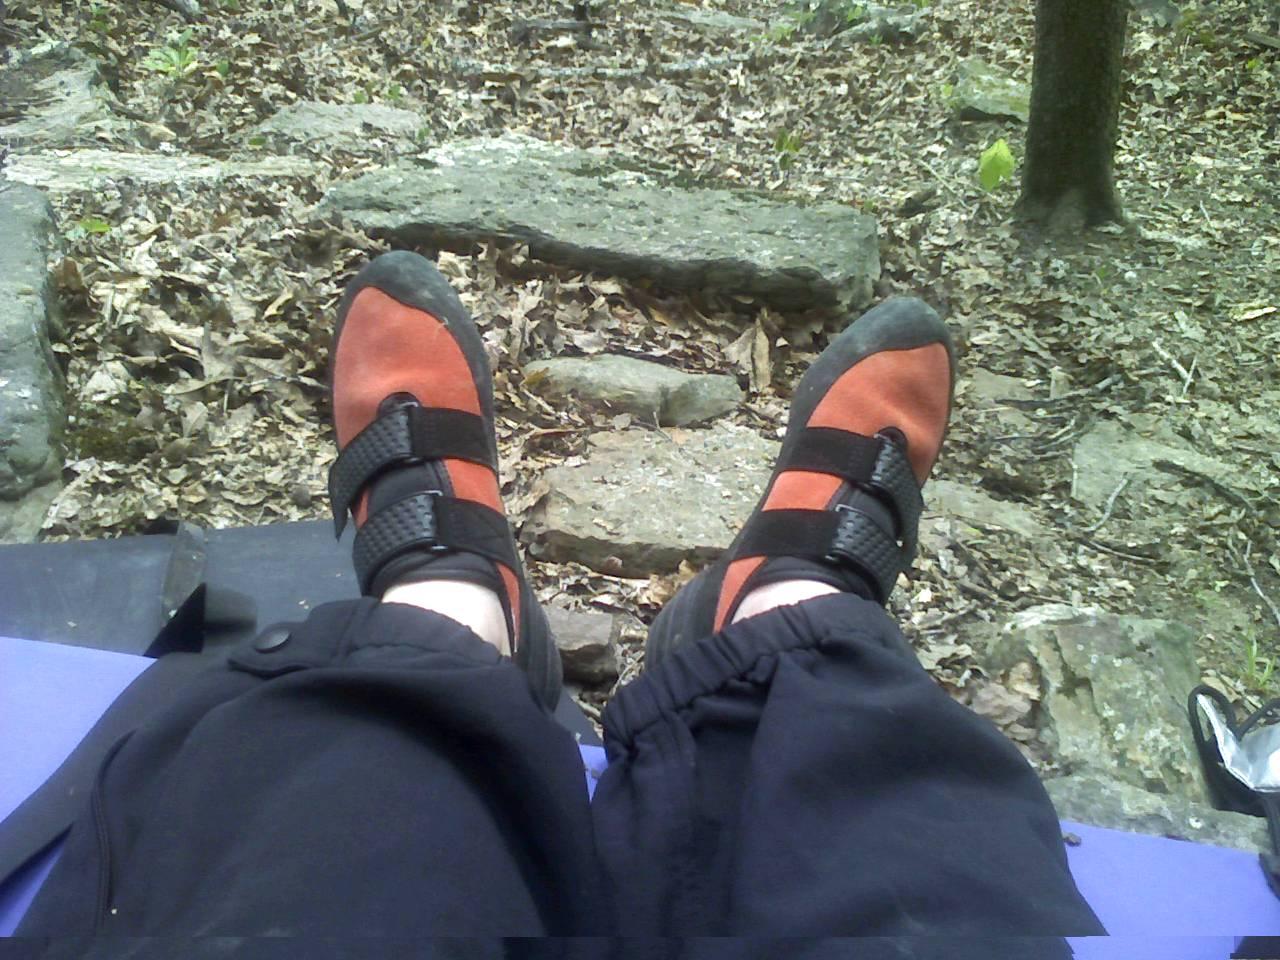 [climbing+shoes]